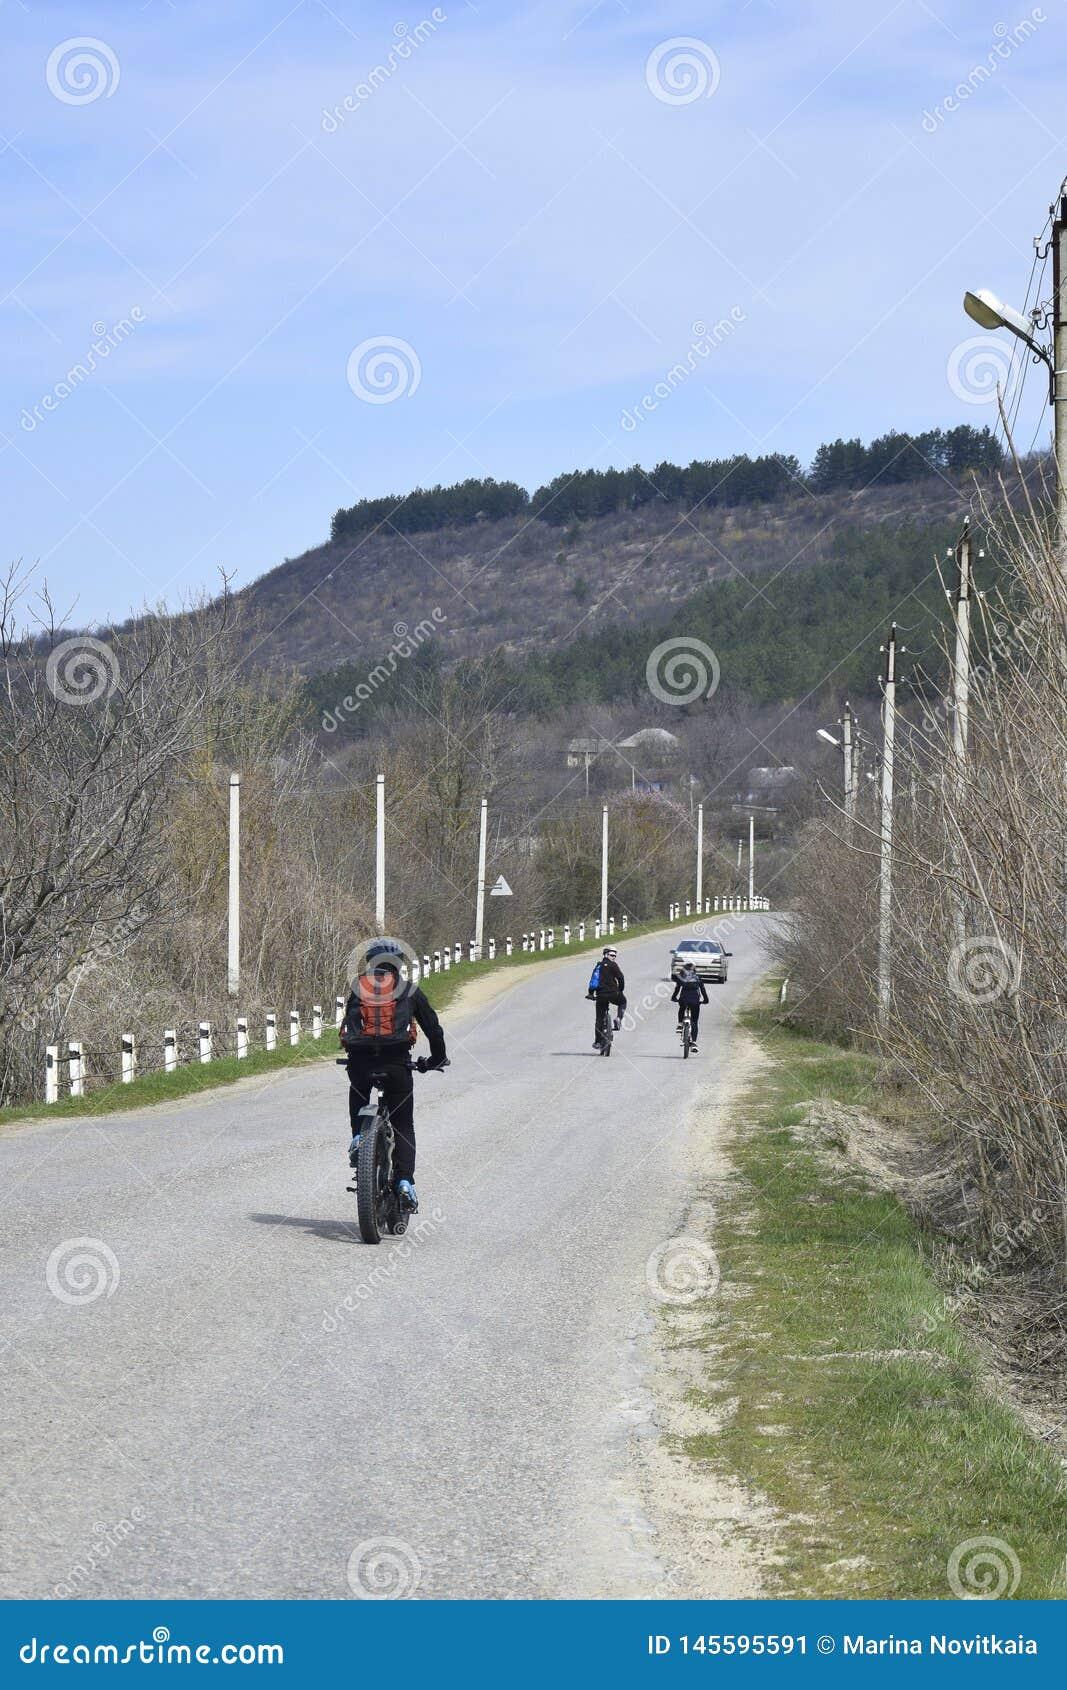 Η ομάδα νέων ποδηλατών οδηγεί κατά μήκος ενός δρόμου ασφάλτου